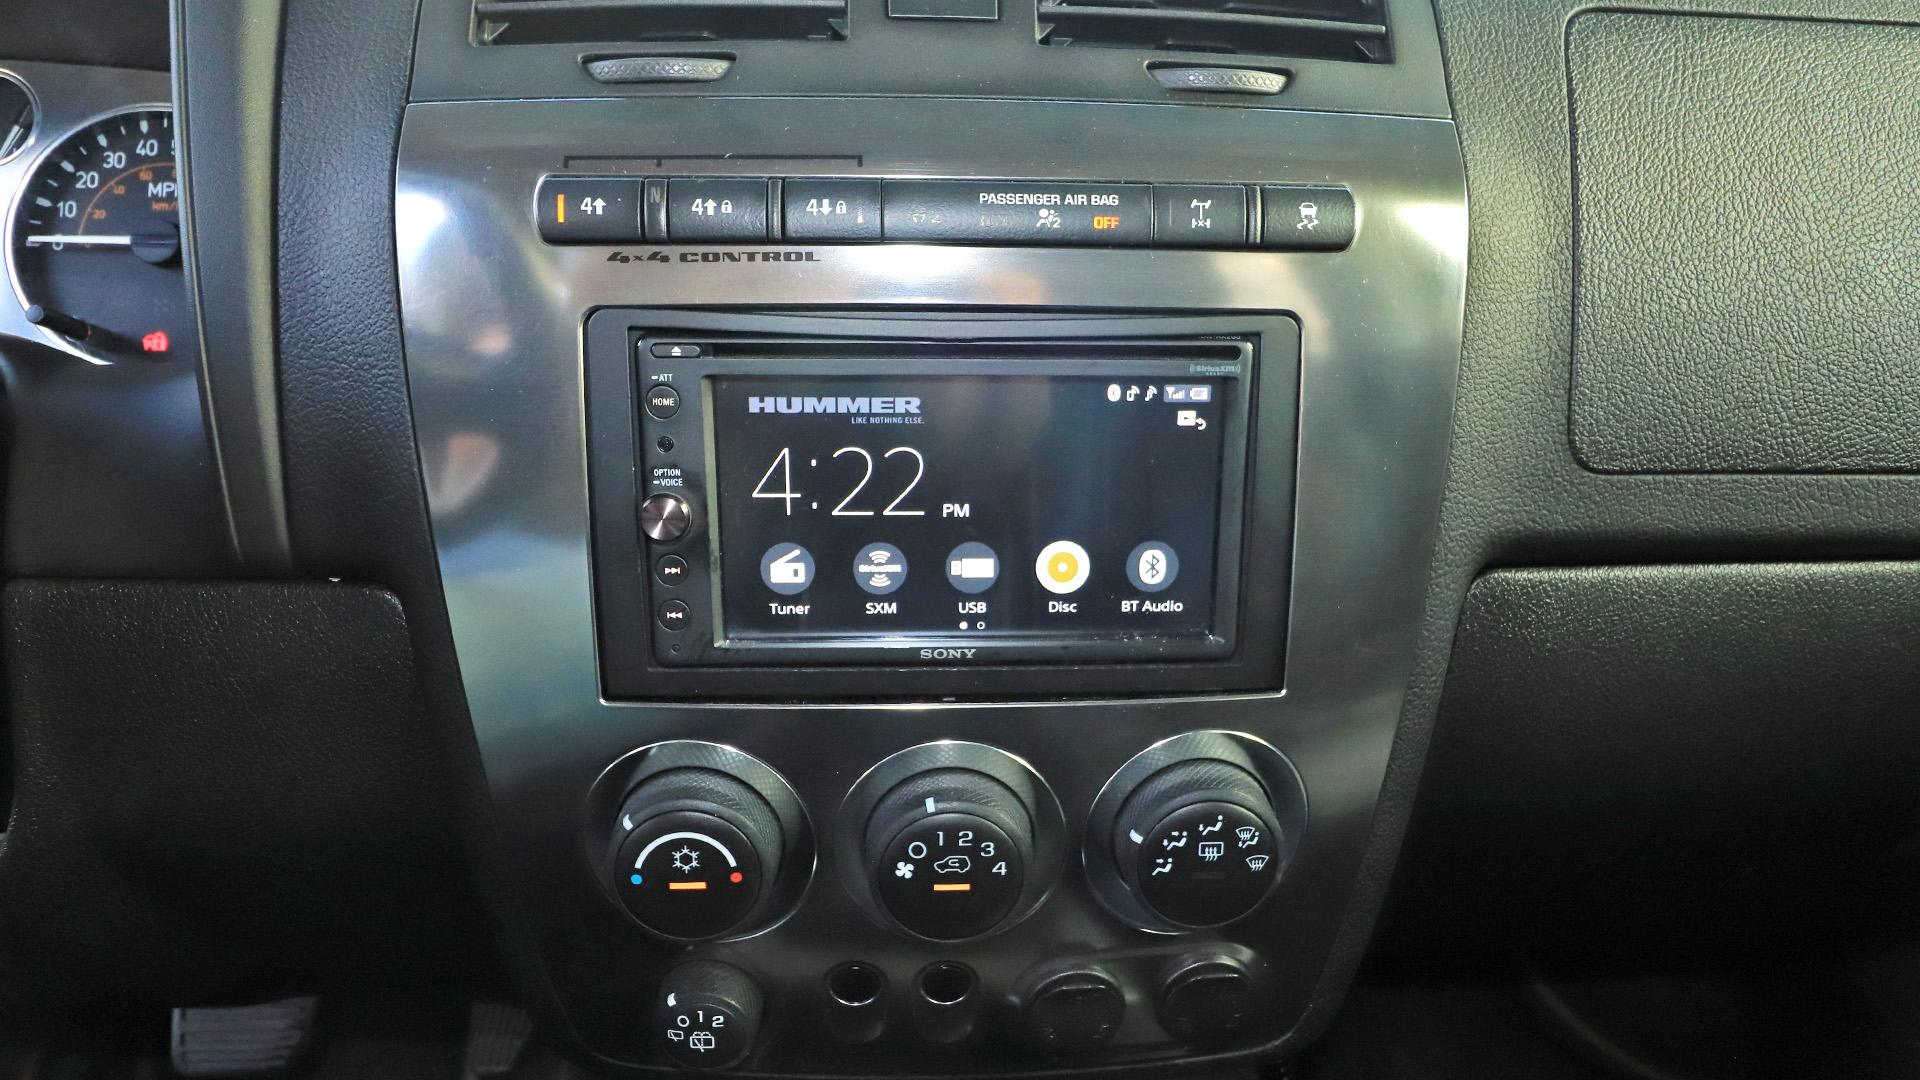 H3 Hummer Sony XAV-AX200 Android Auto Apple Carplay Radio Head Unit